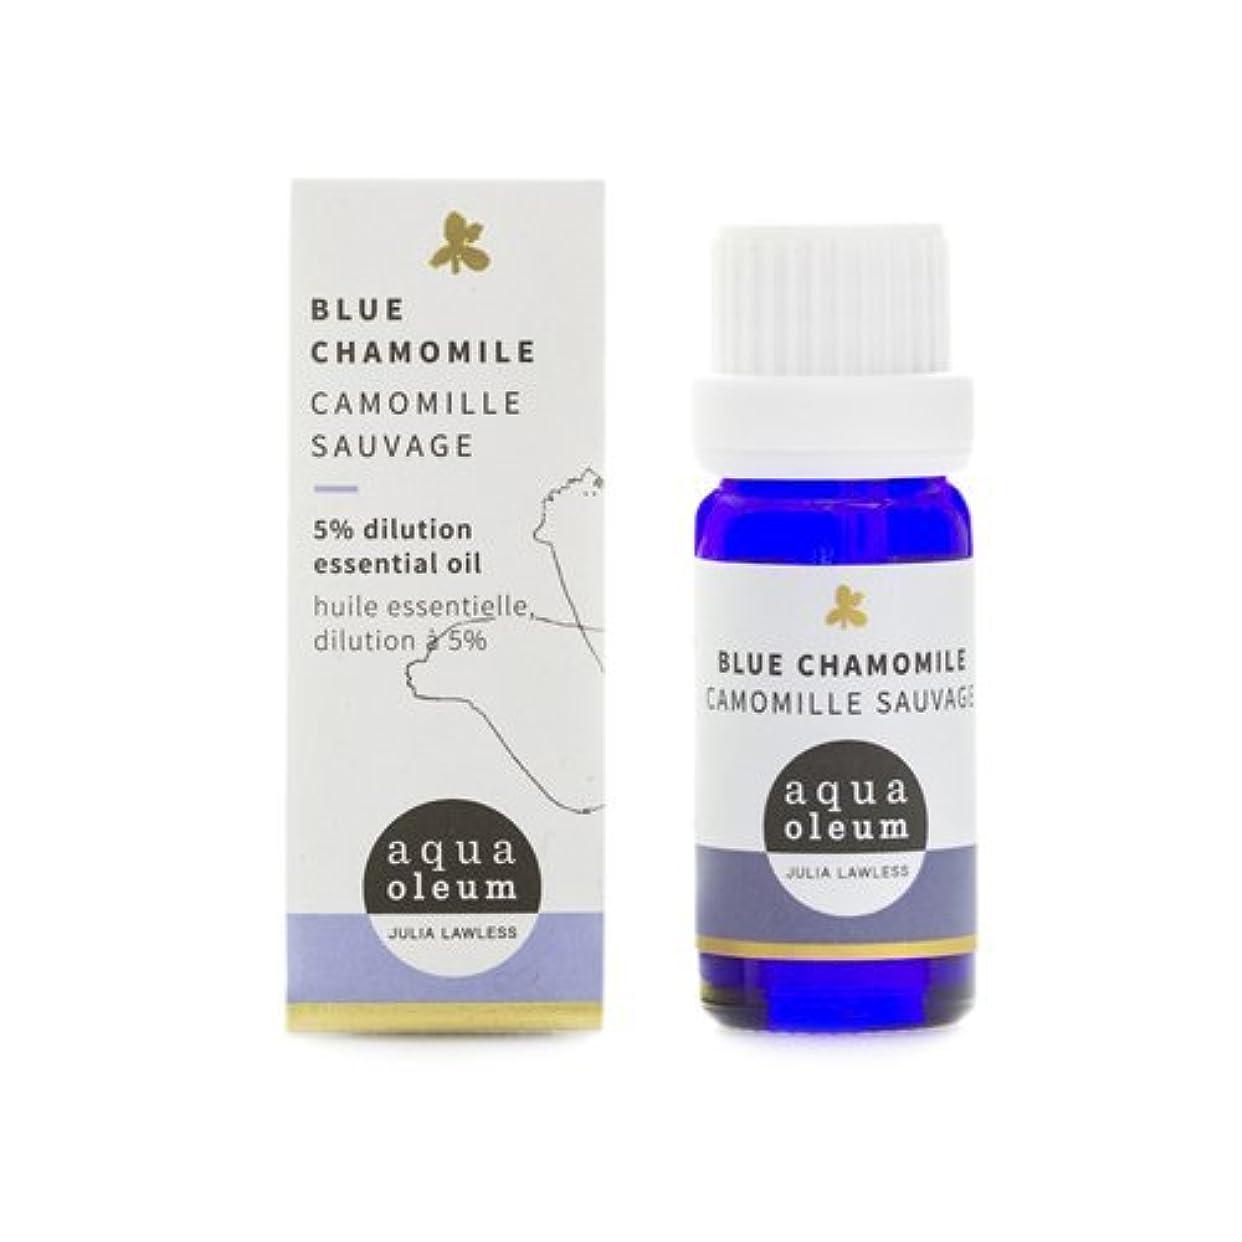 西部威するレーザアクアオレウム ブレンドオイル  ジャーマンカモミール 5%ココナッツオイル希釈  10ml(精油)